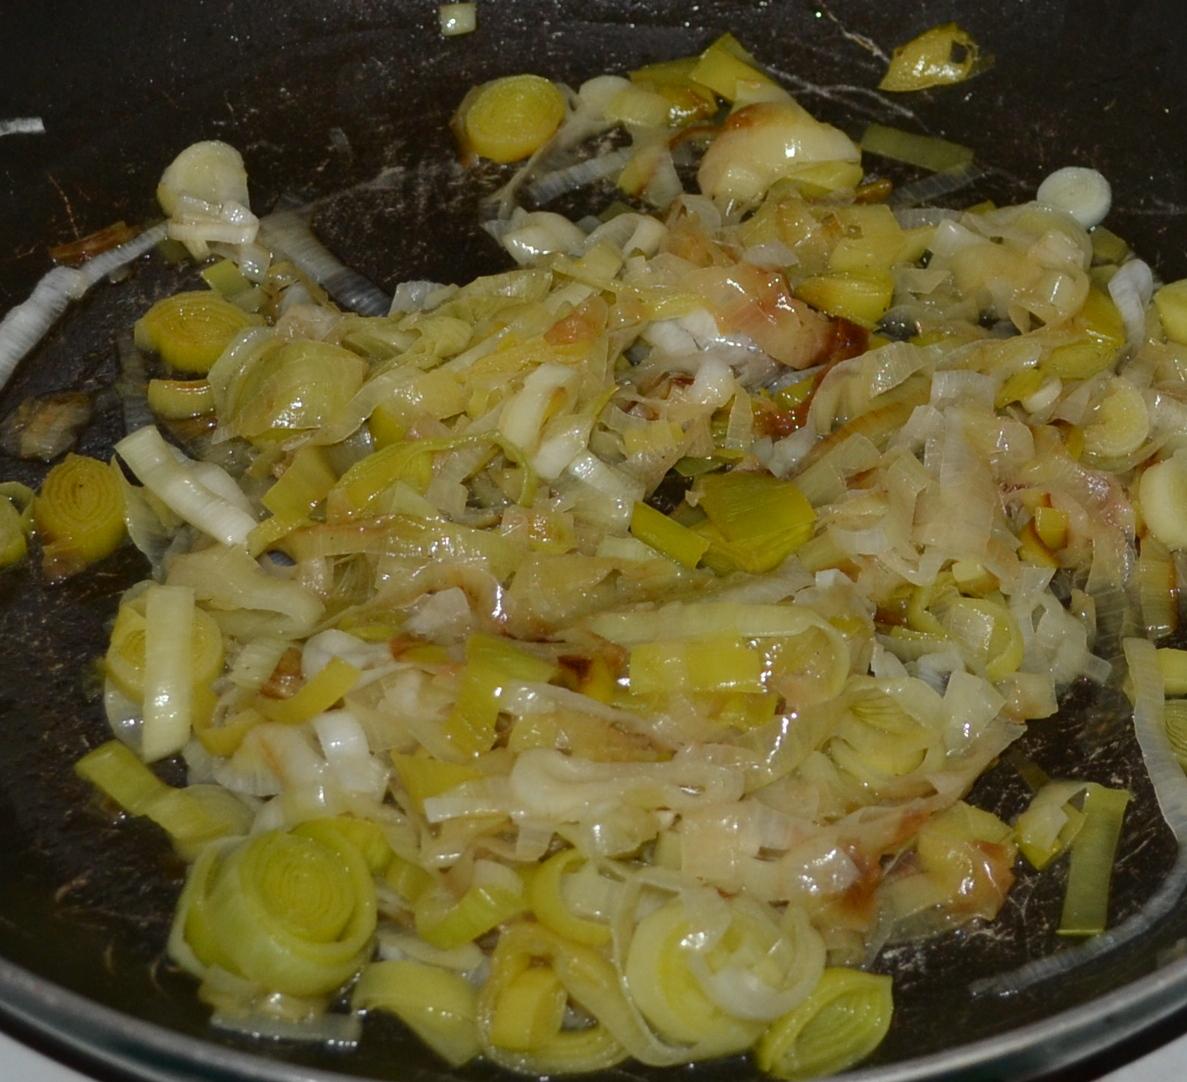 cucinare creare » blog archive » coppa al forno con crema di porri ... - Come Cucinare I Porri In Padella